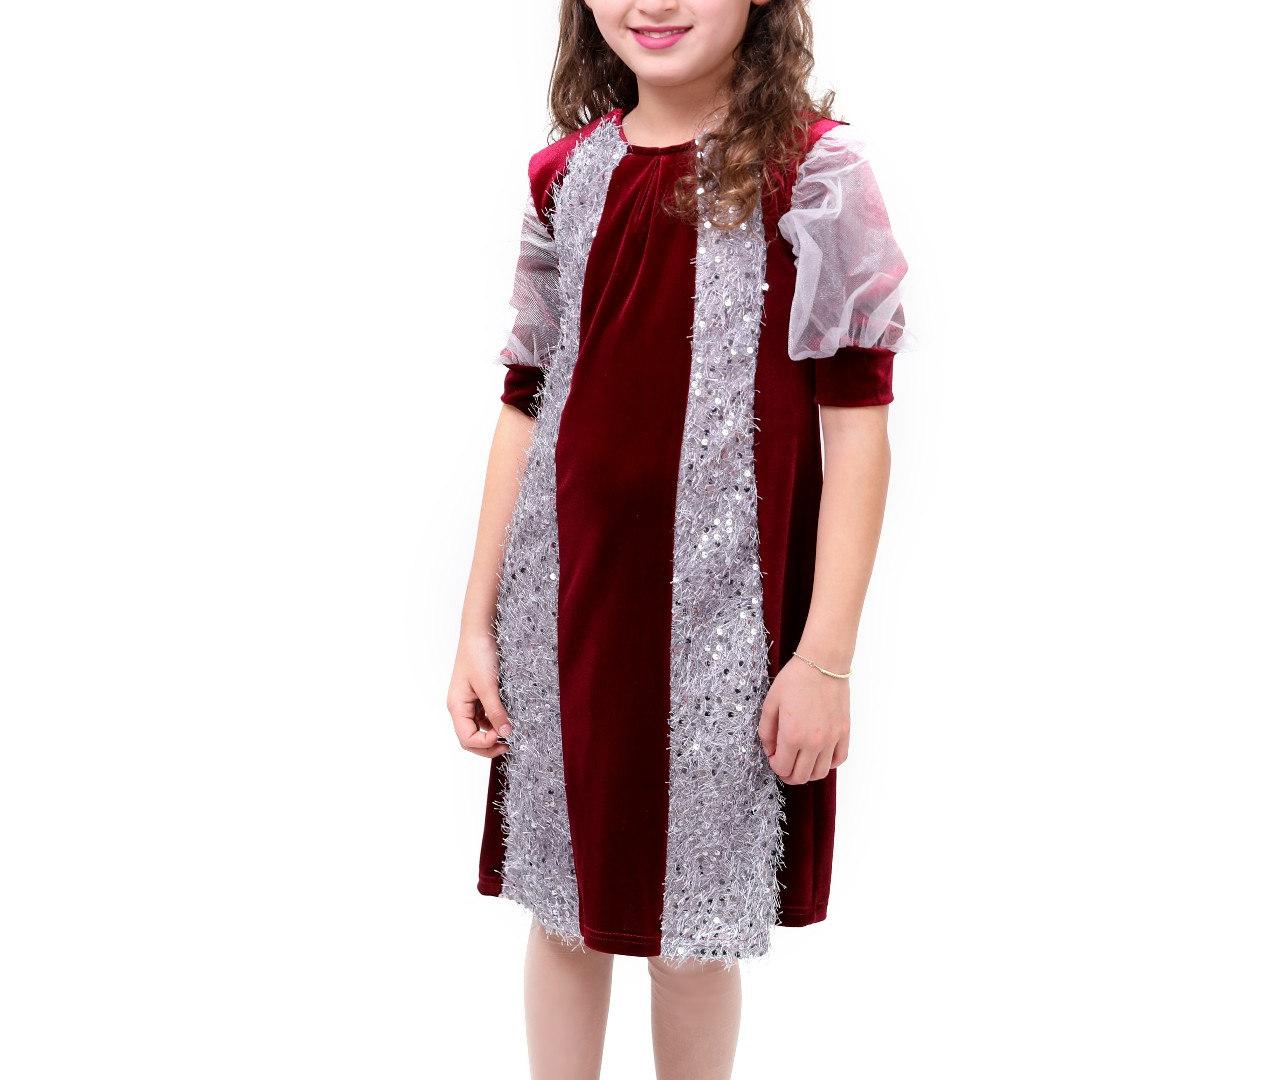 שמלת קטיפה משולבת  malaya | מאליה אופנת ילדים